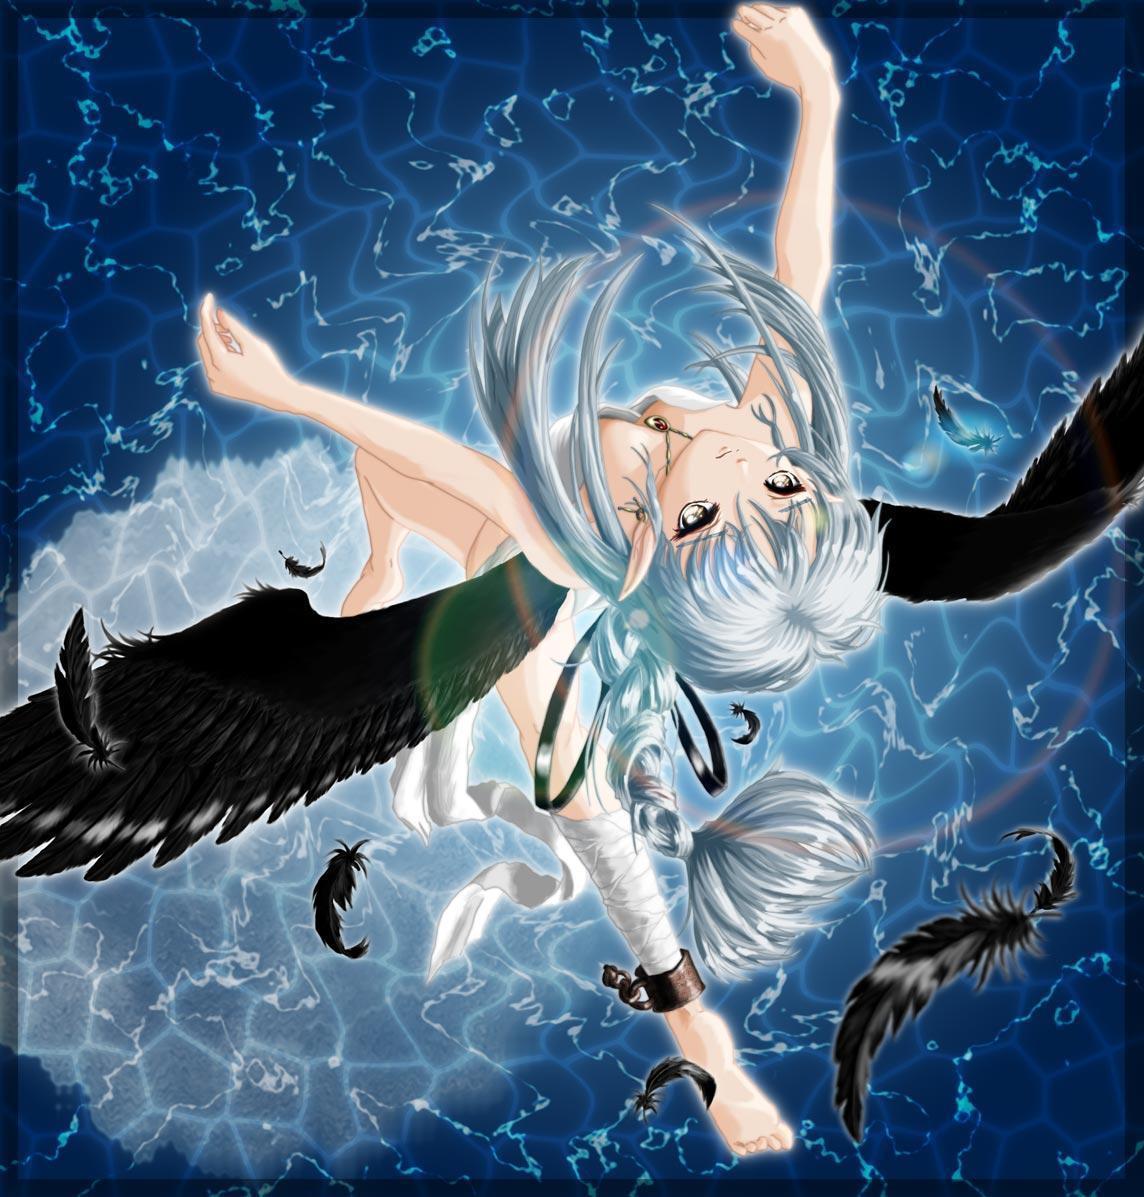 堕落天使高清:你是我心中的天使:天使与龙的轮舞男主